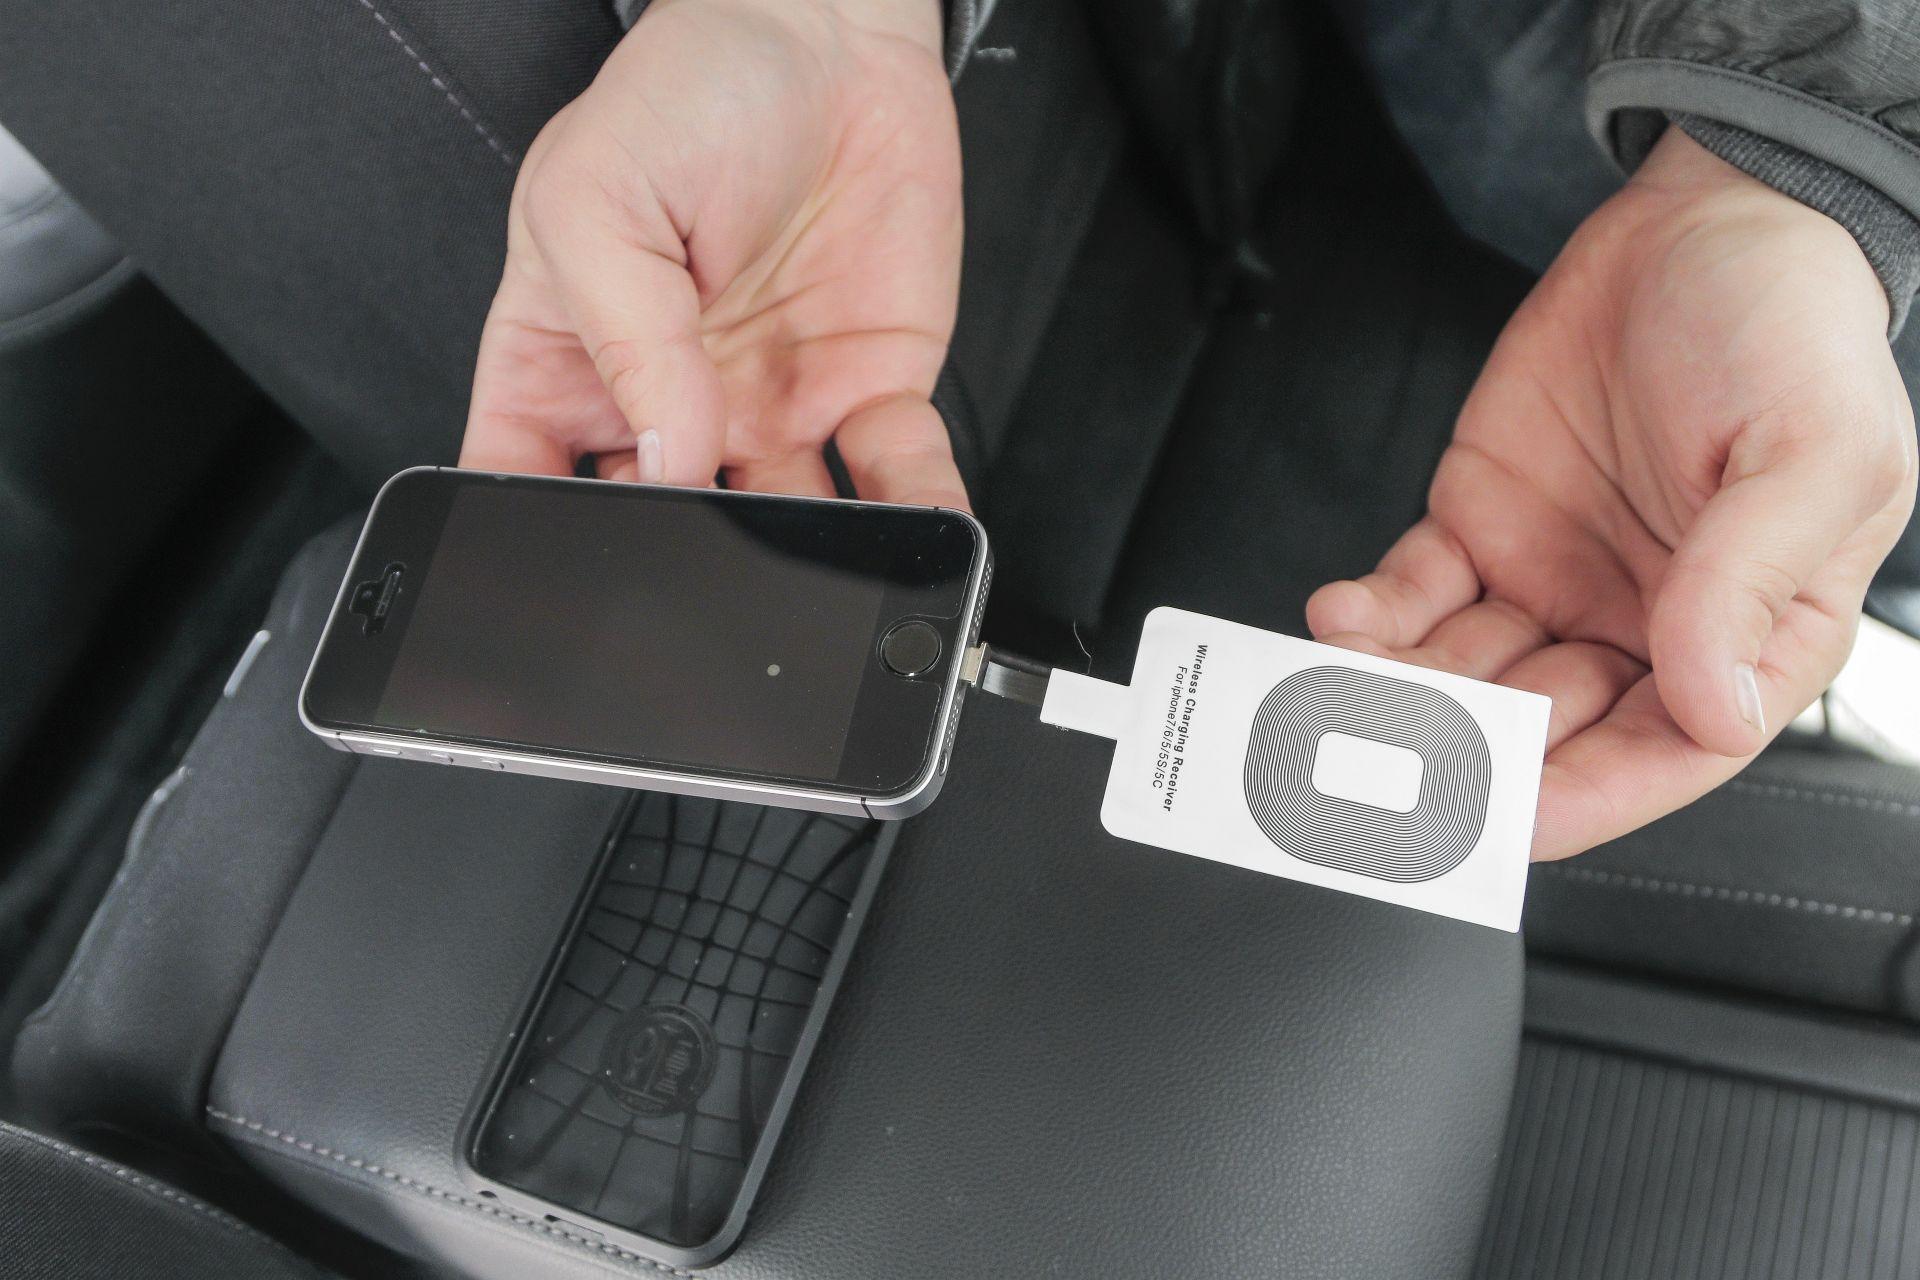 Bezprzewodowe ładowanie smartfonów. Uchwyty na smartfon z